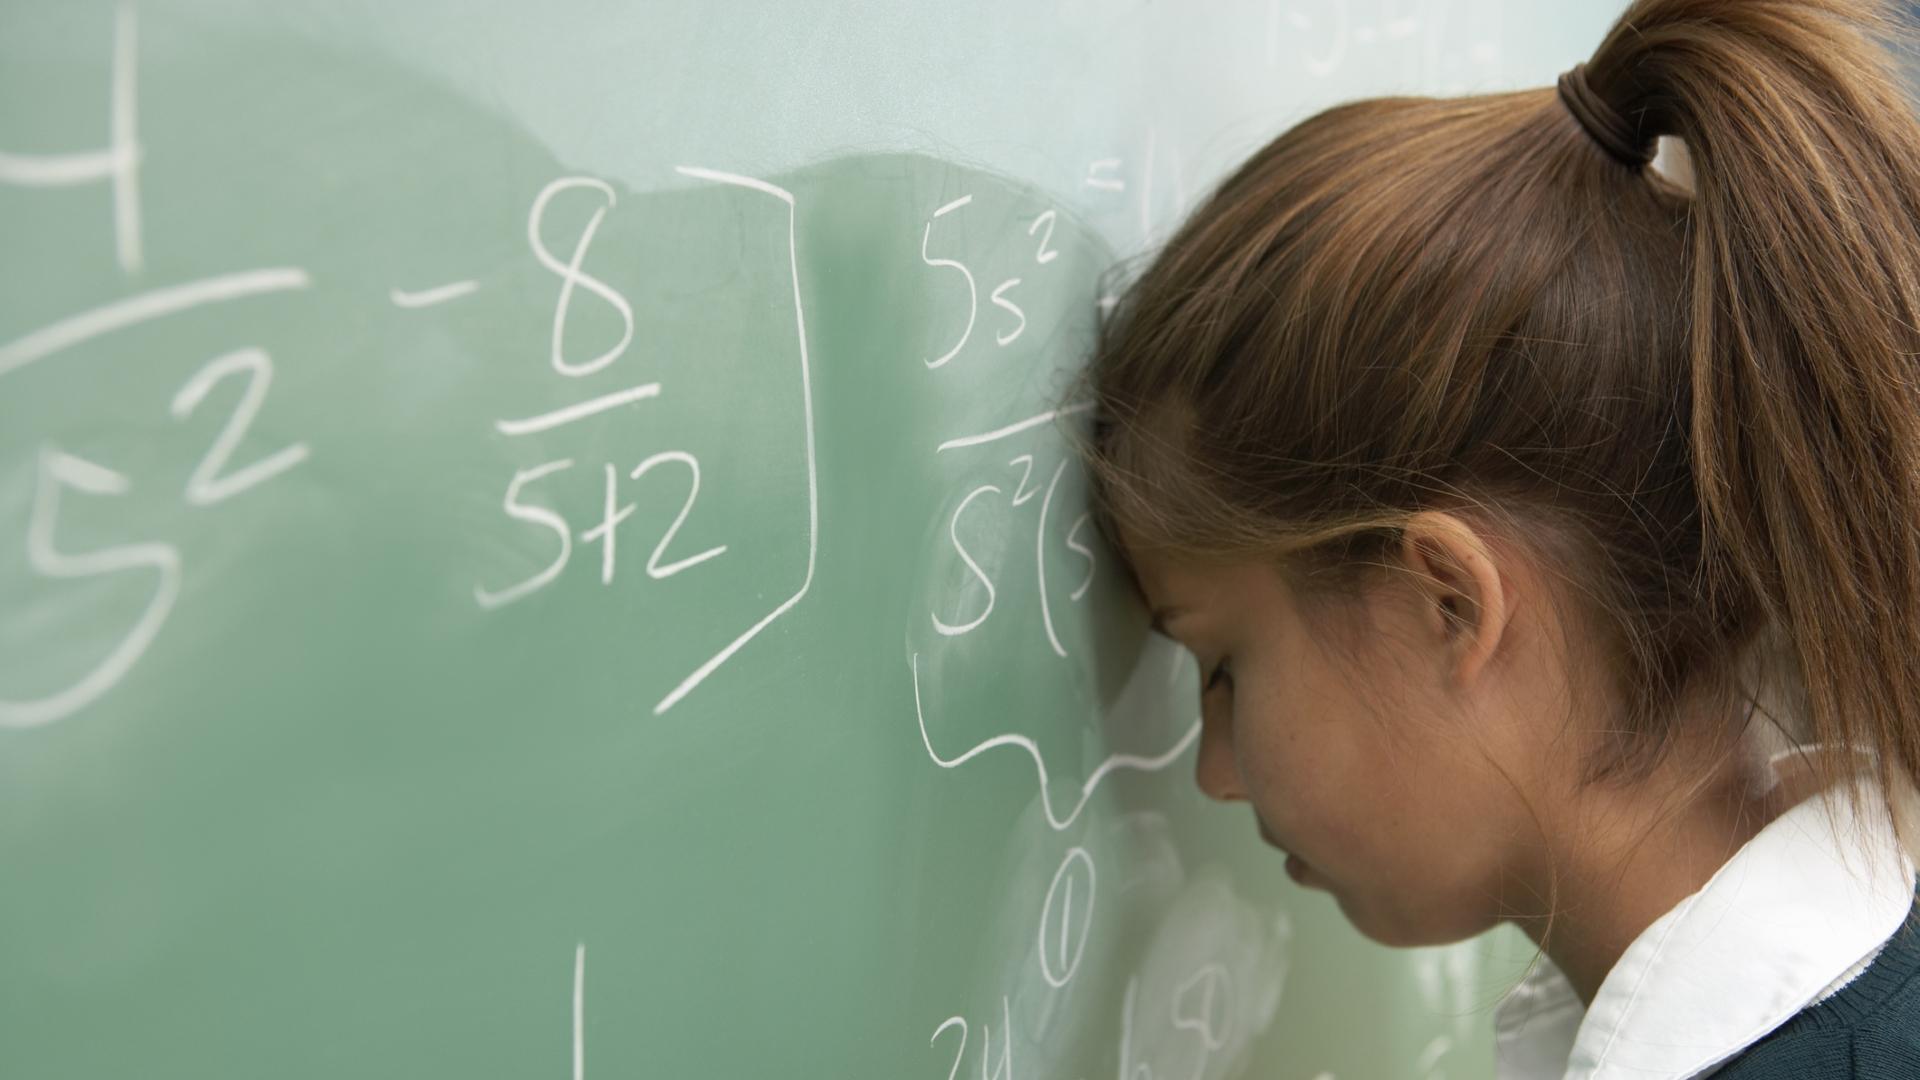 Мальчики и девочки делают это одинаково. Способности девочек в математике ничем не отличаются